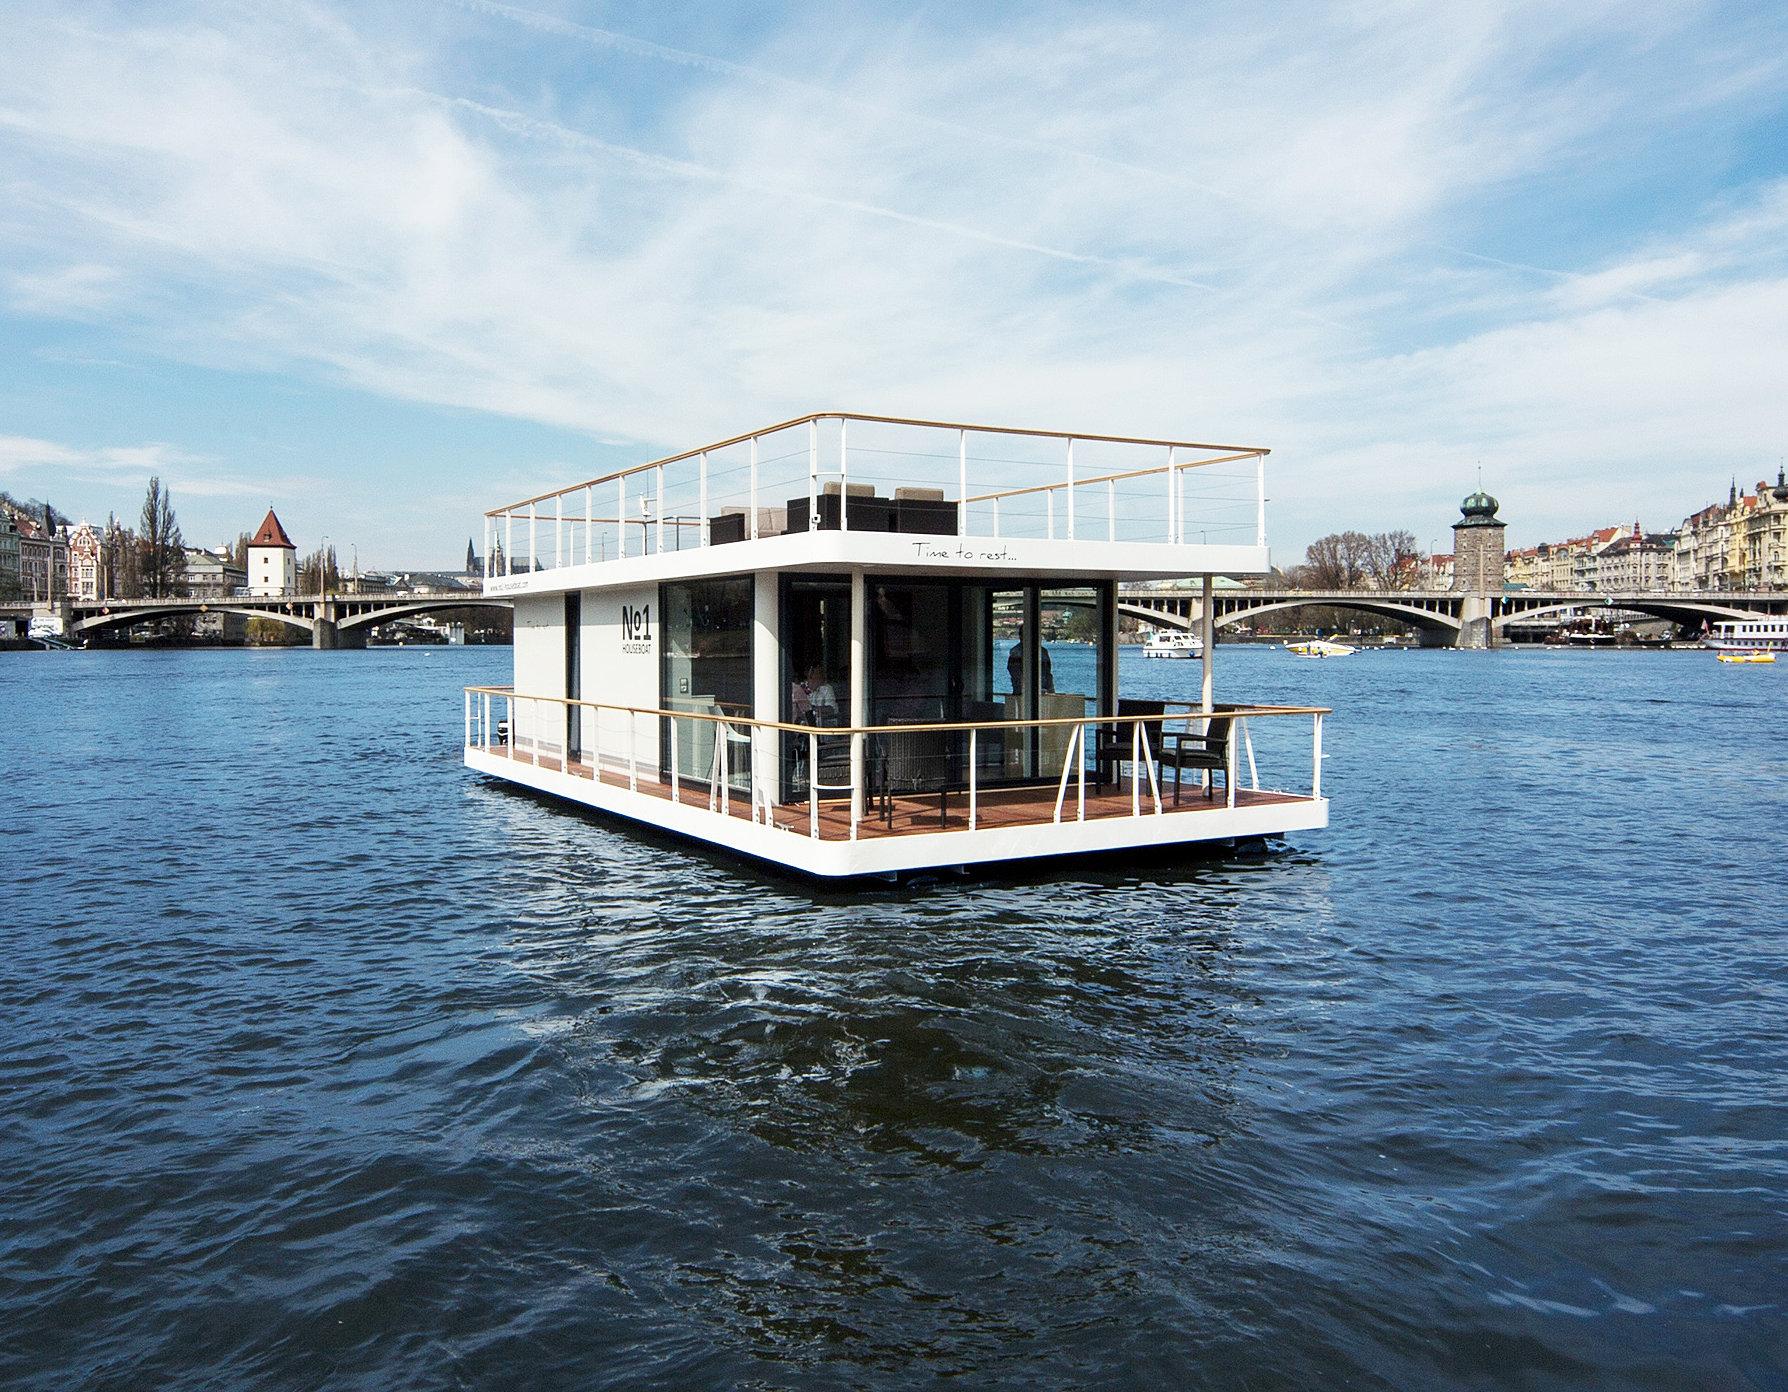 hausboot kaufen oder mieten erf llen sie sich ihren traum hausboot mieten oder kaufen in k ln. Black Bedroom Furniture Sets. Home Design Ideas